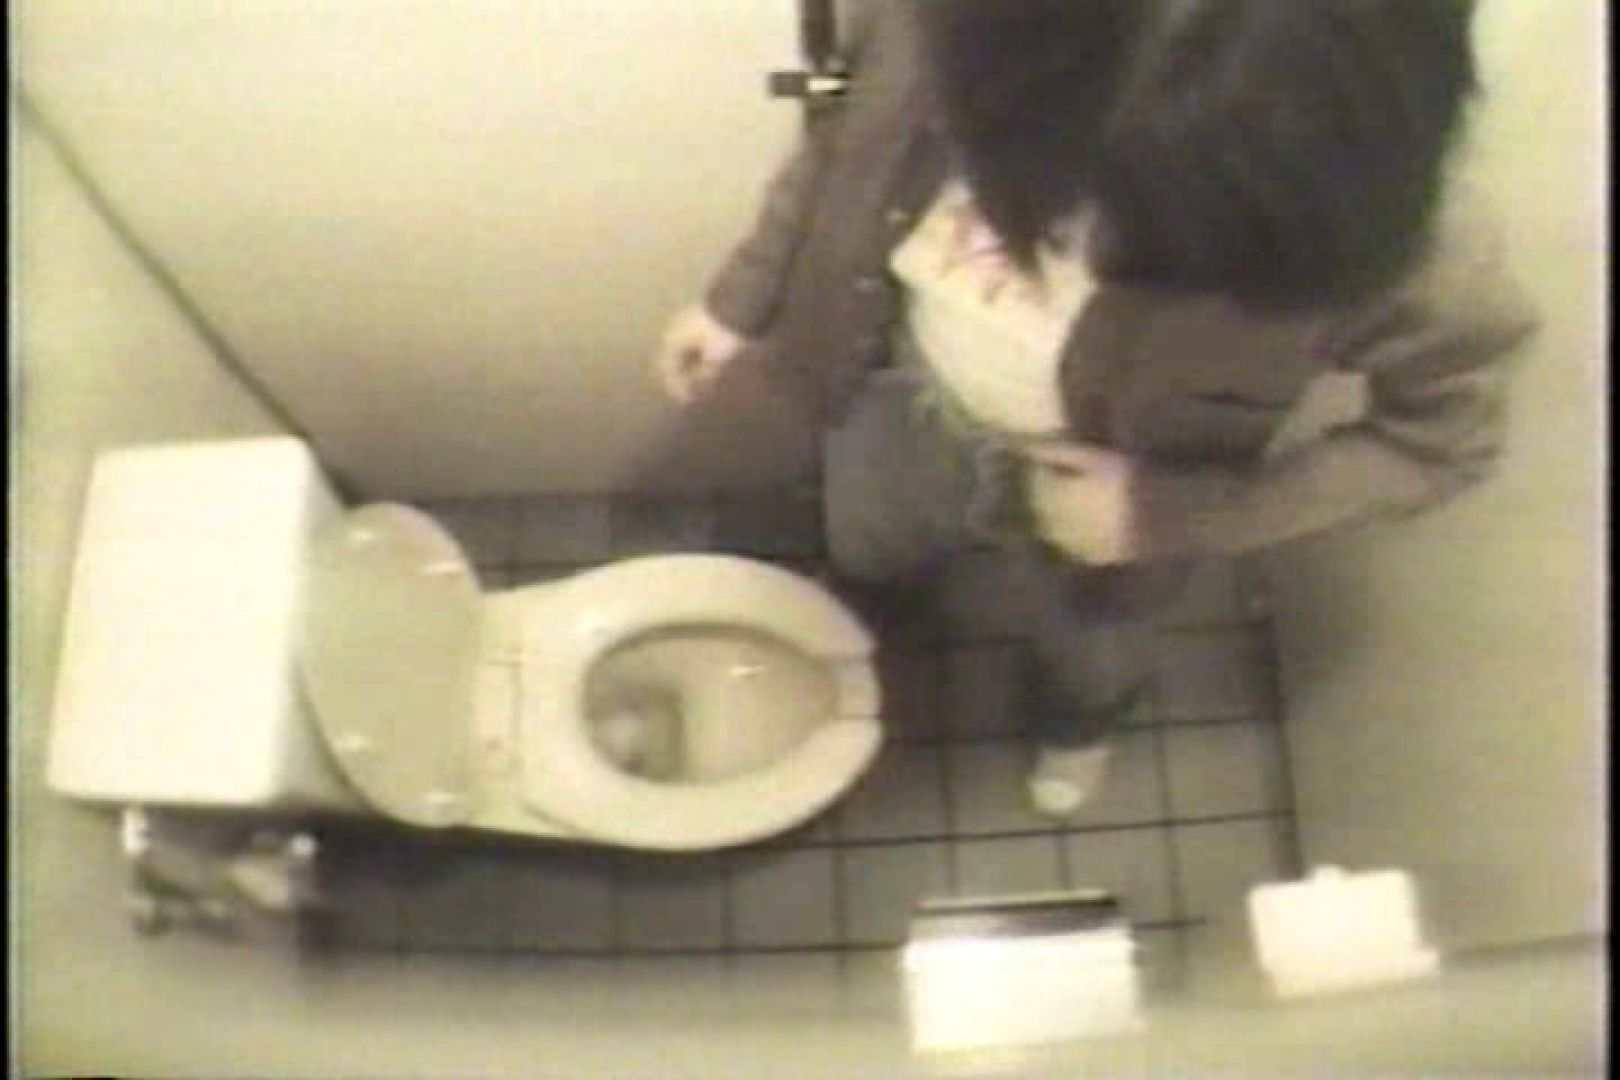 盗撮 女子洗面所3ヶ所入ってしゃがんで音出して プライベート  109連発 8